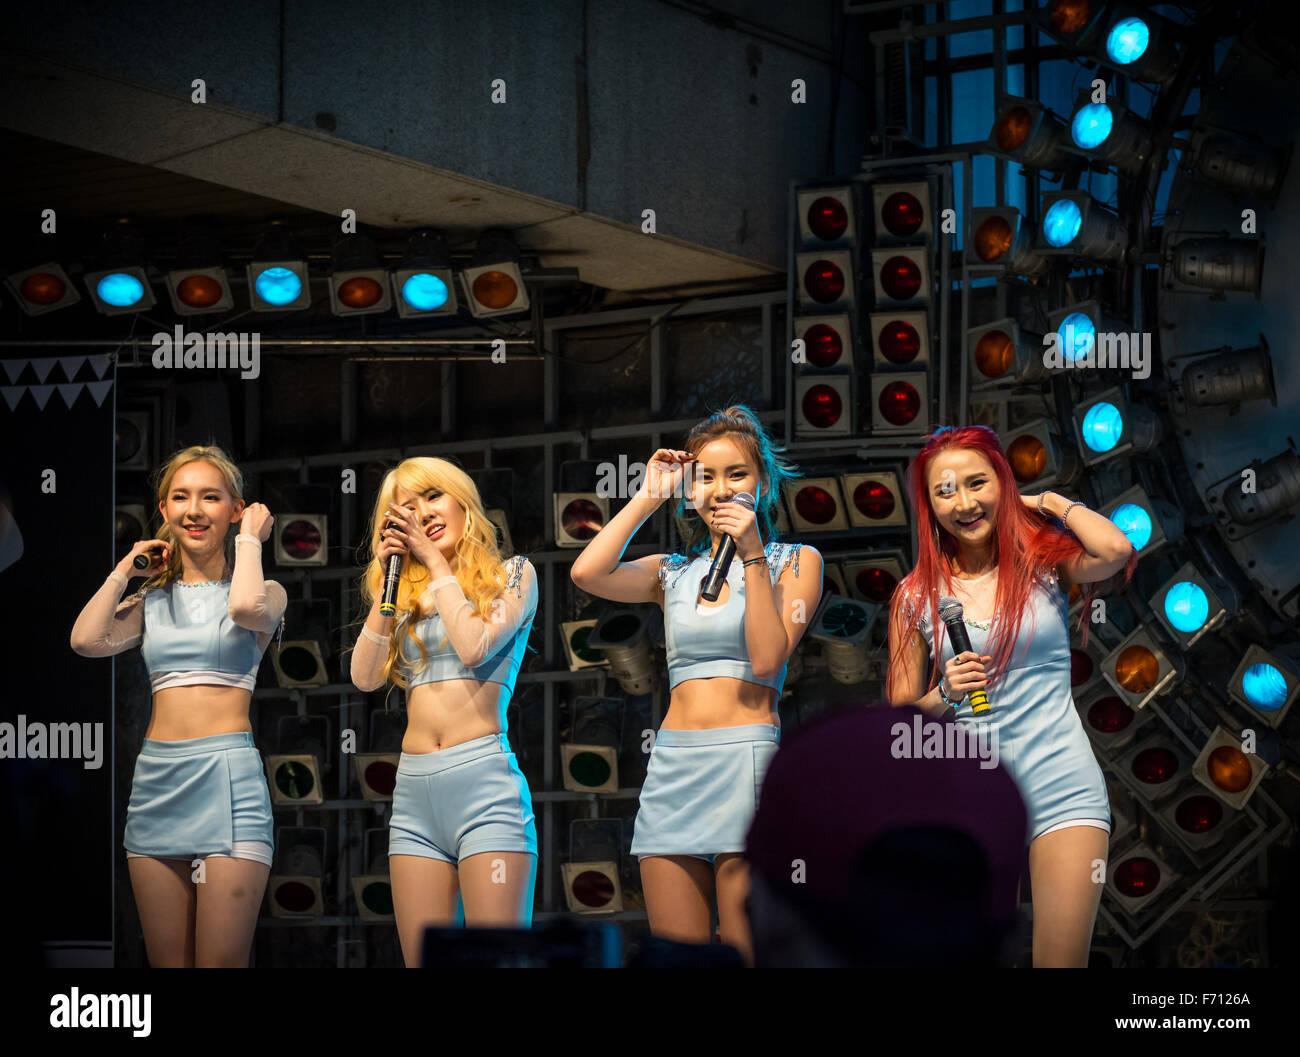 Il coreano KPOP cover band Ace al coperchio kpop festival di Dongdaemun, Seoul, Corea del Sud Foto Stock